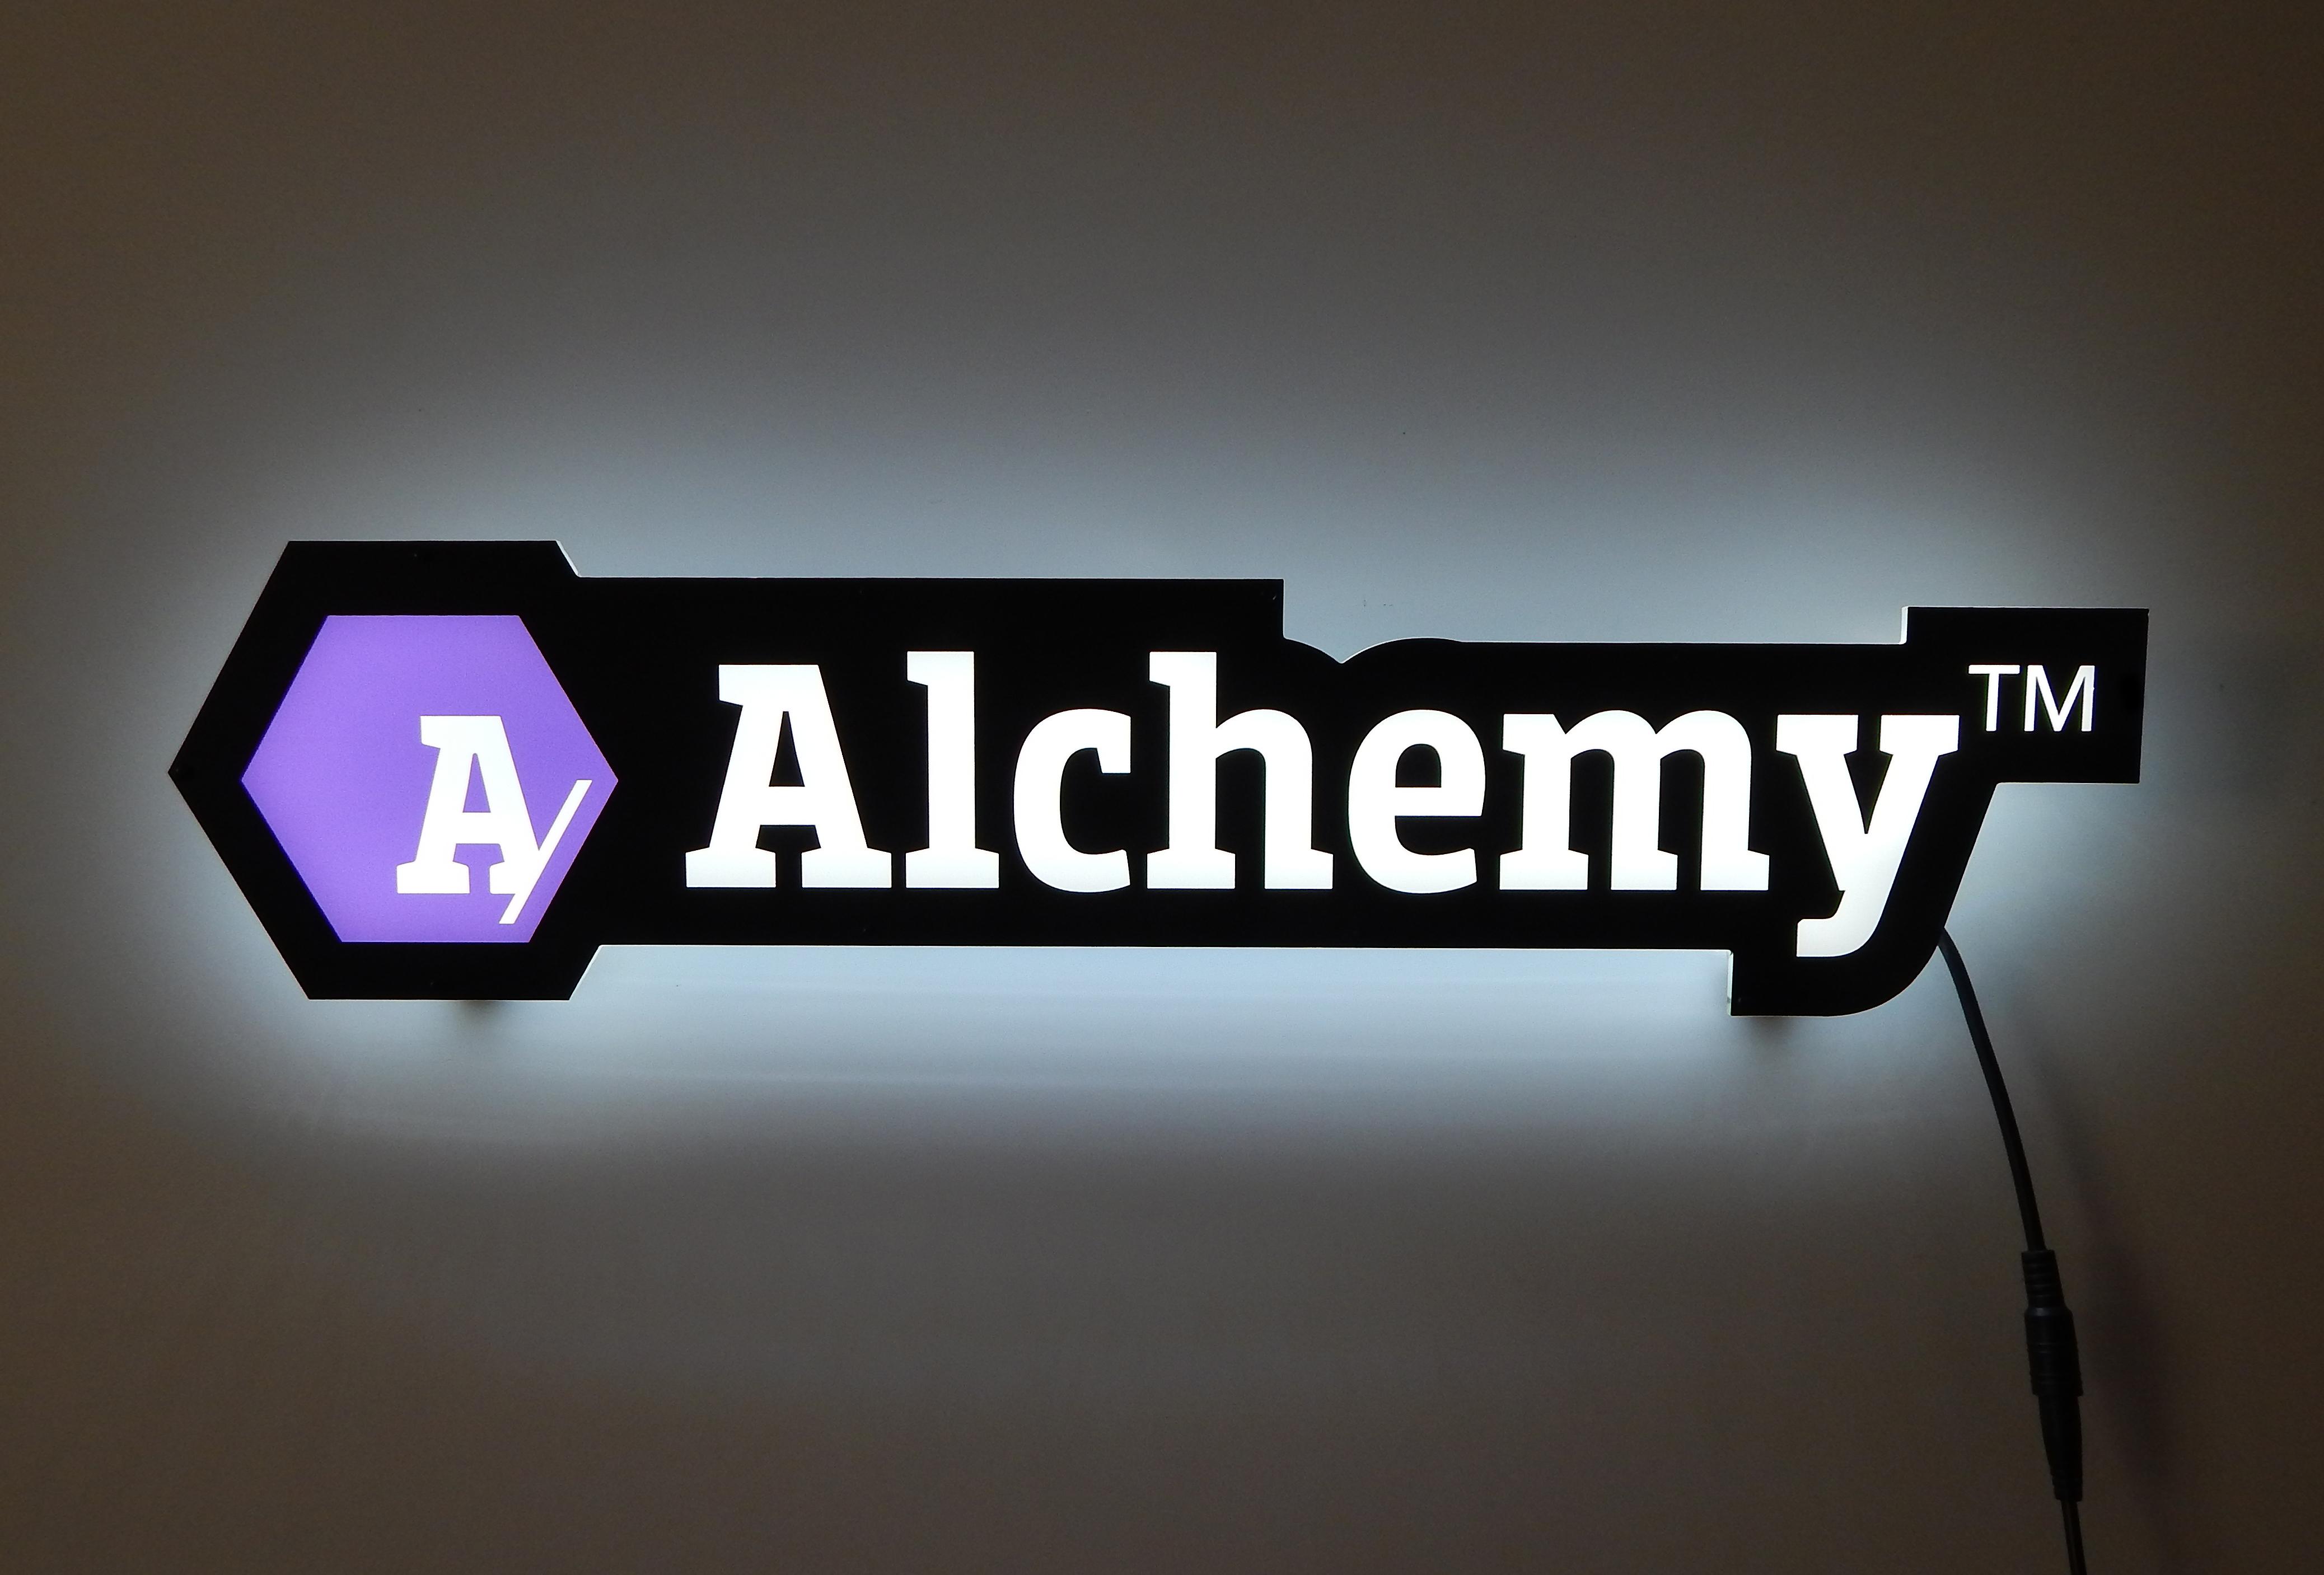 SFG-23B Alchemy Glow-LiteLED 3797